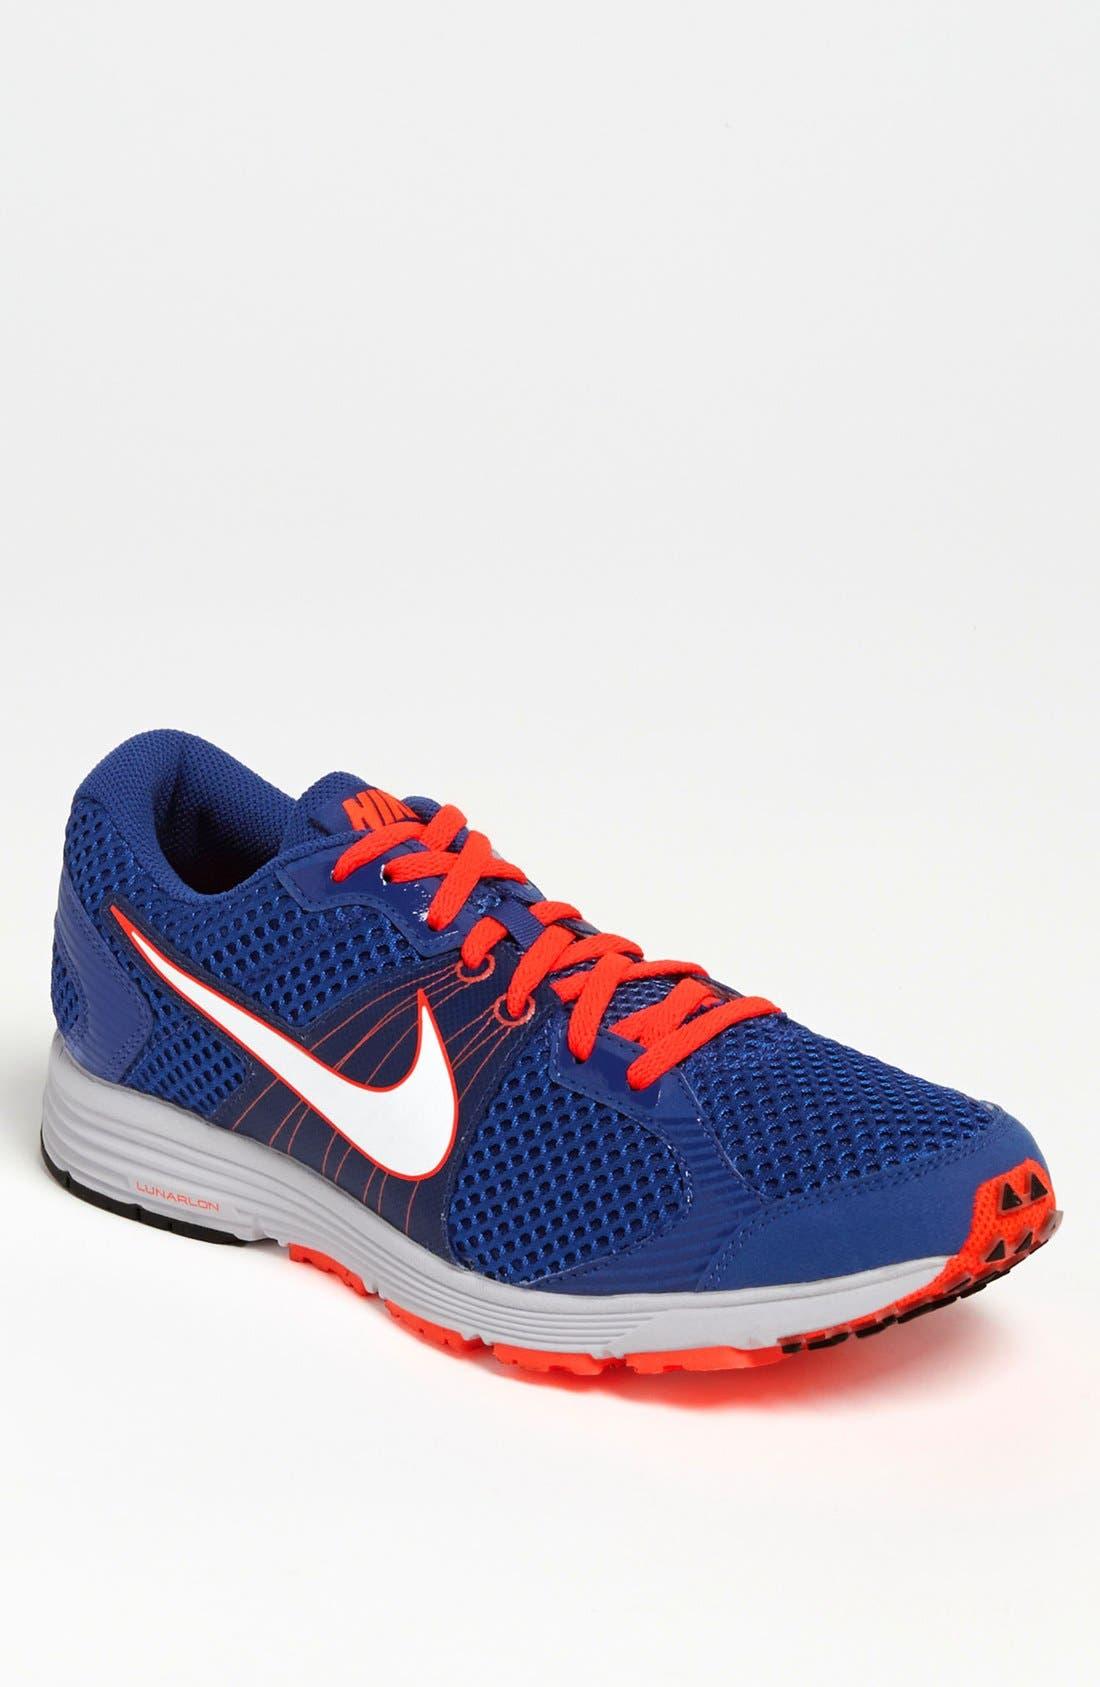 Alternate Image 1 Selected - Nike 'LunarSpeed Lite+ 2' Running Shoe (Men)